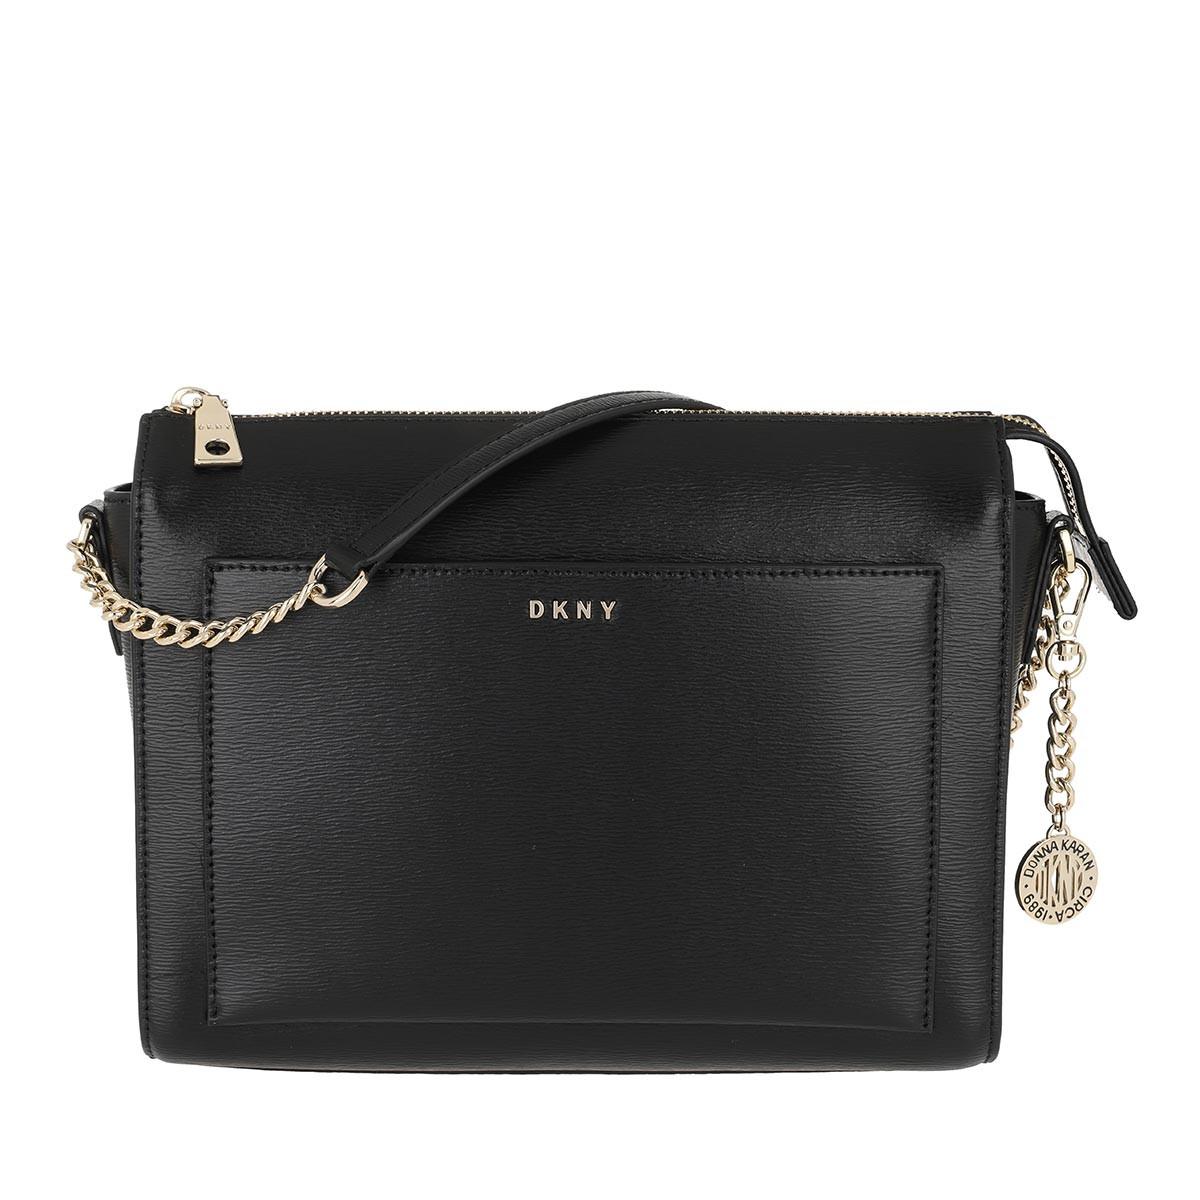 DKNY Umhängetasche - Bryant Medium Box Crossbody Bag Black/Gold - in schwarz - für Damen